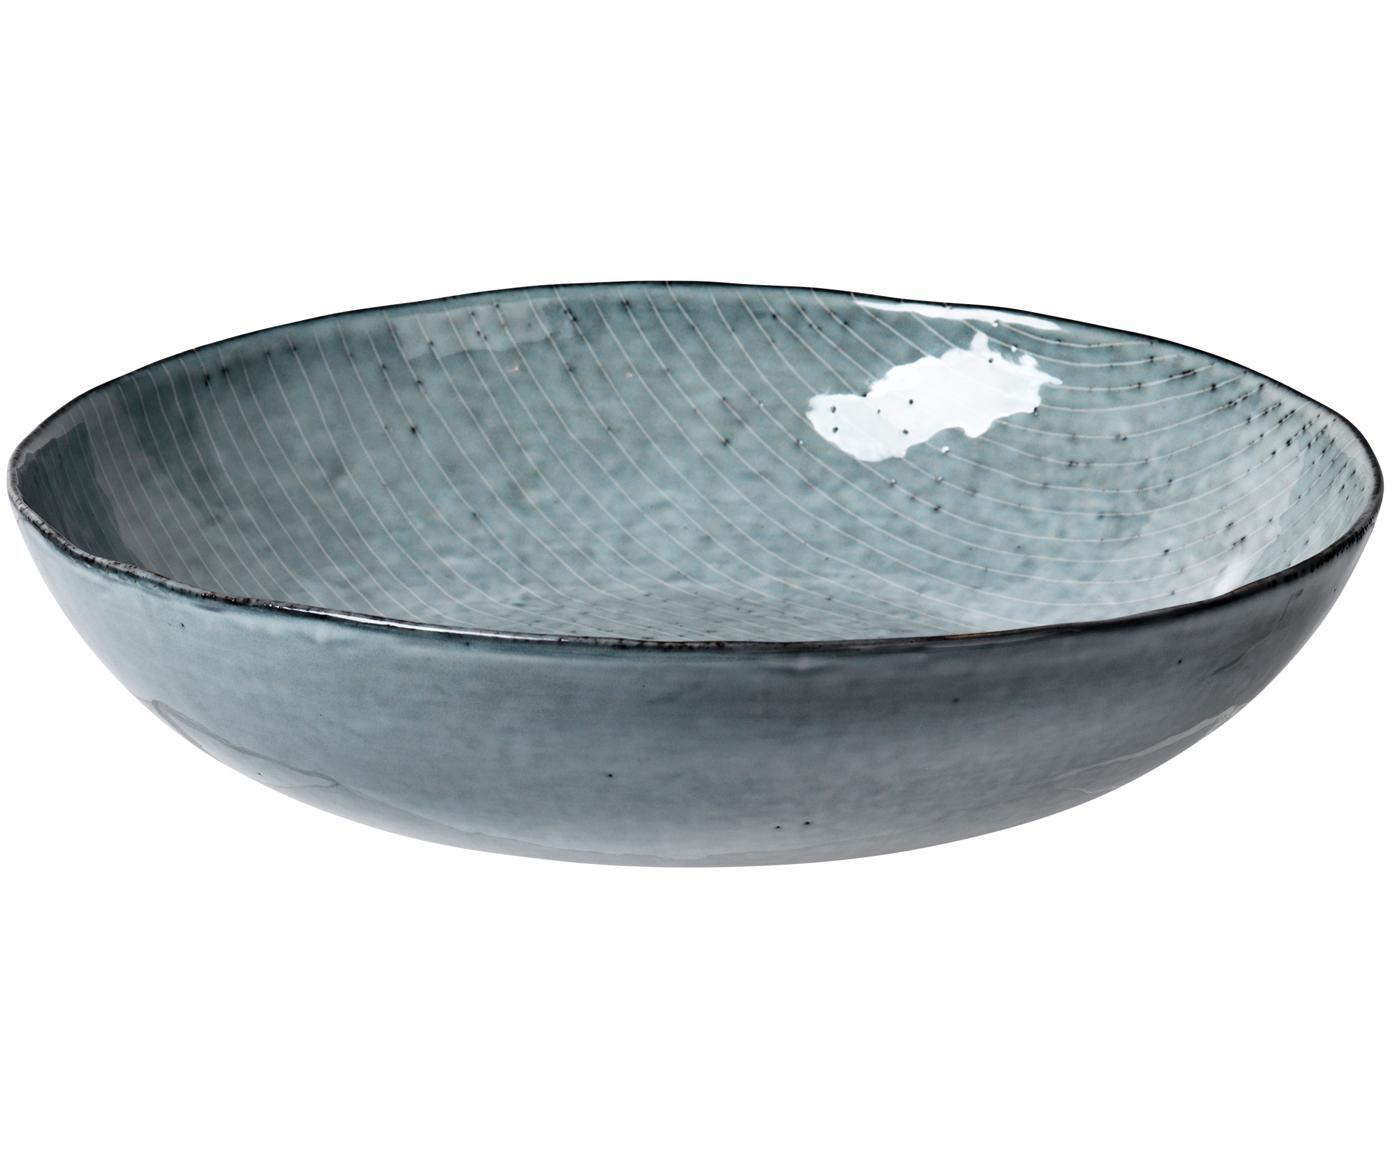 Ensaladera artesanal Nordic Sea, Gres, Tonos grises y azules, Ø 34 x Al 8 cm